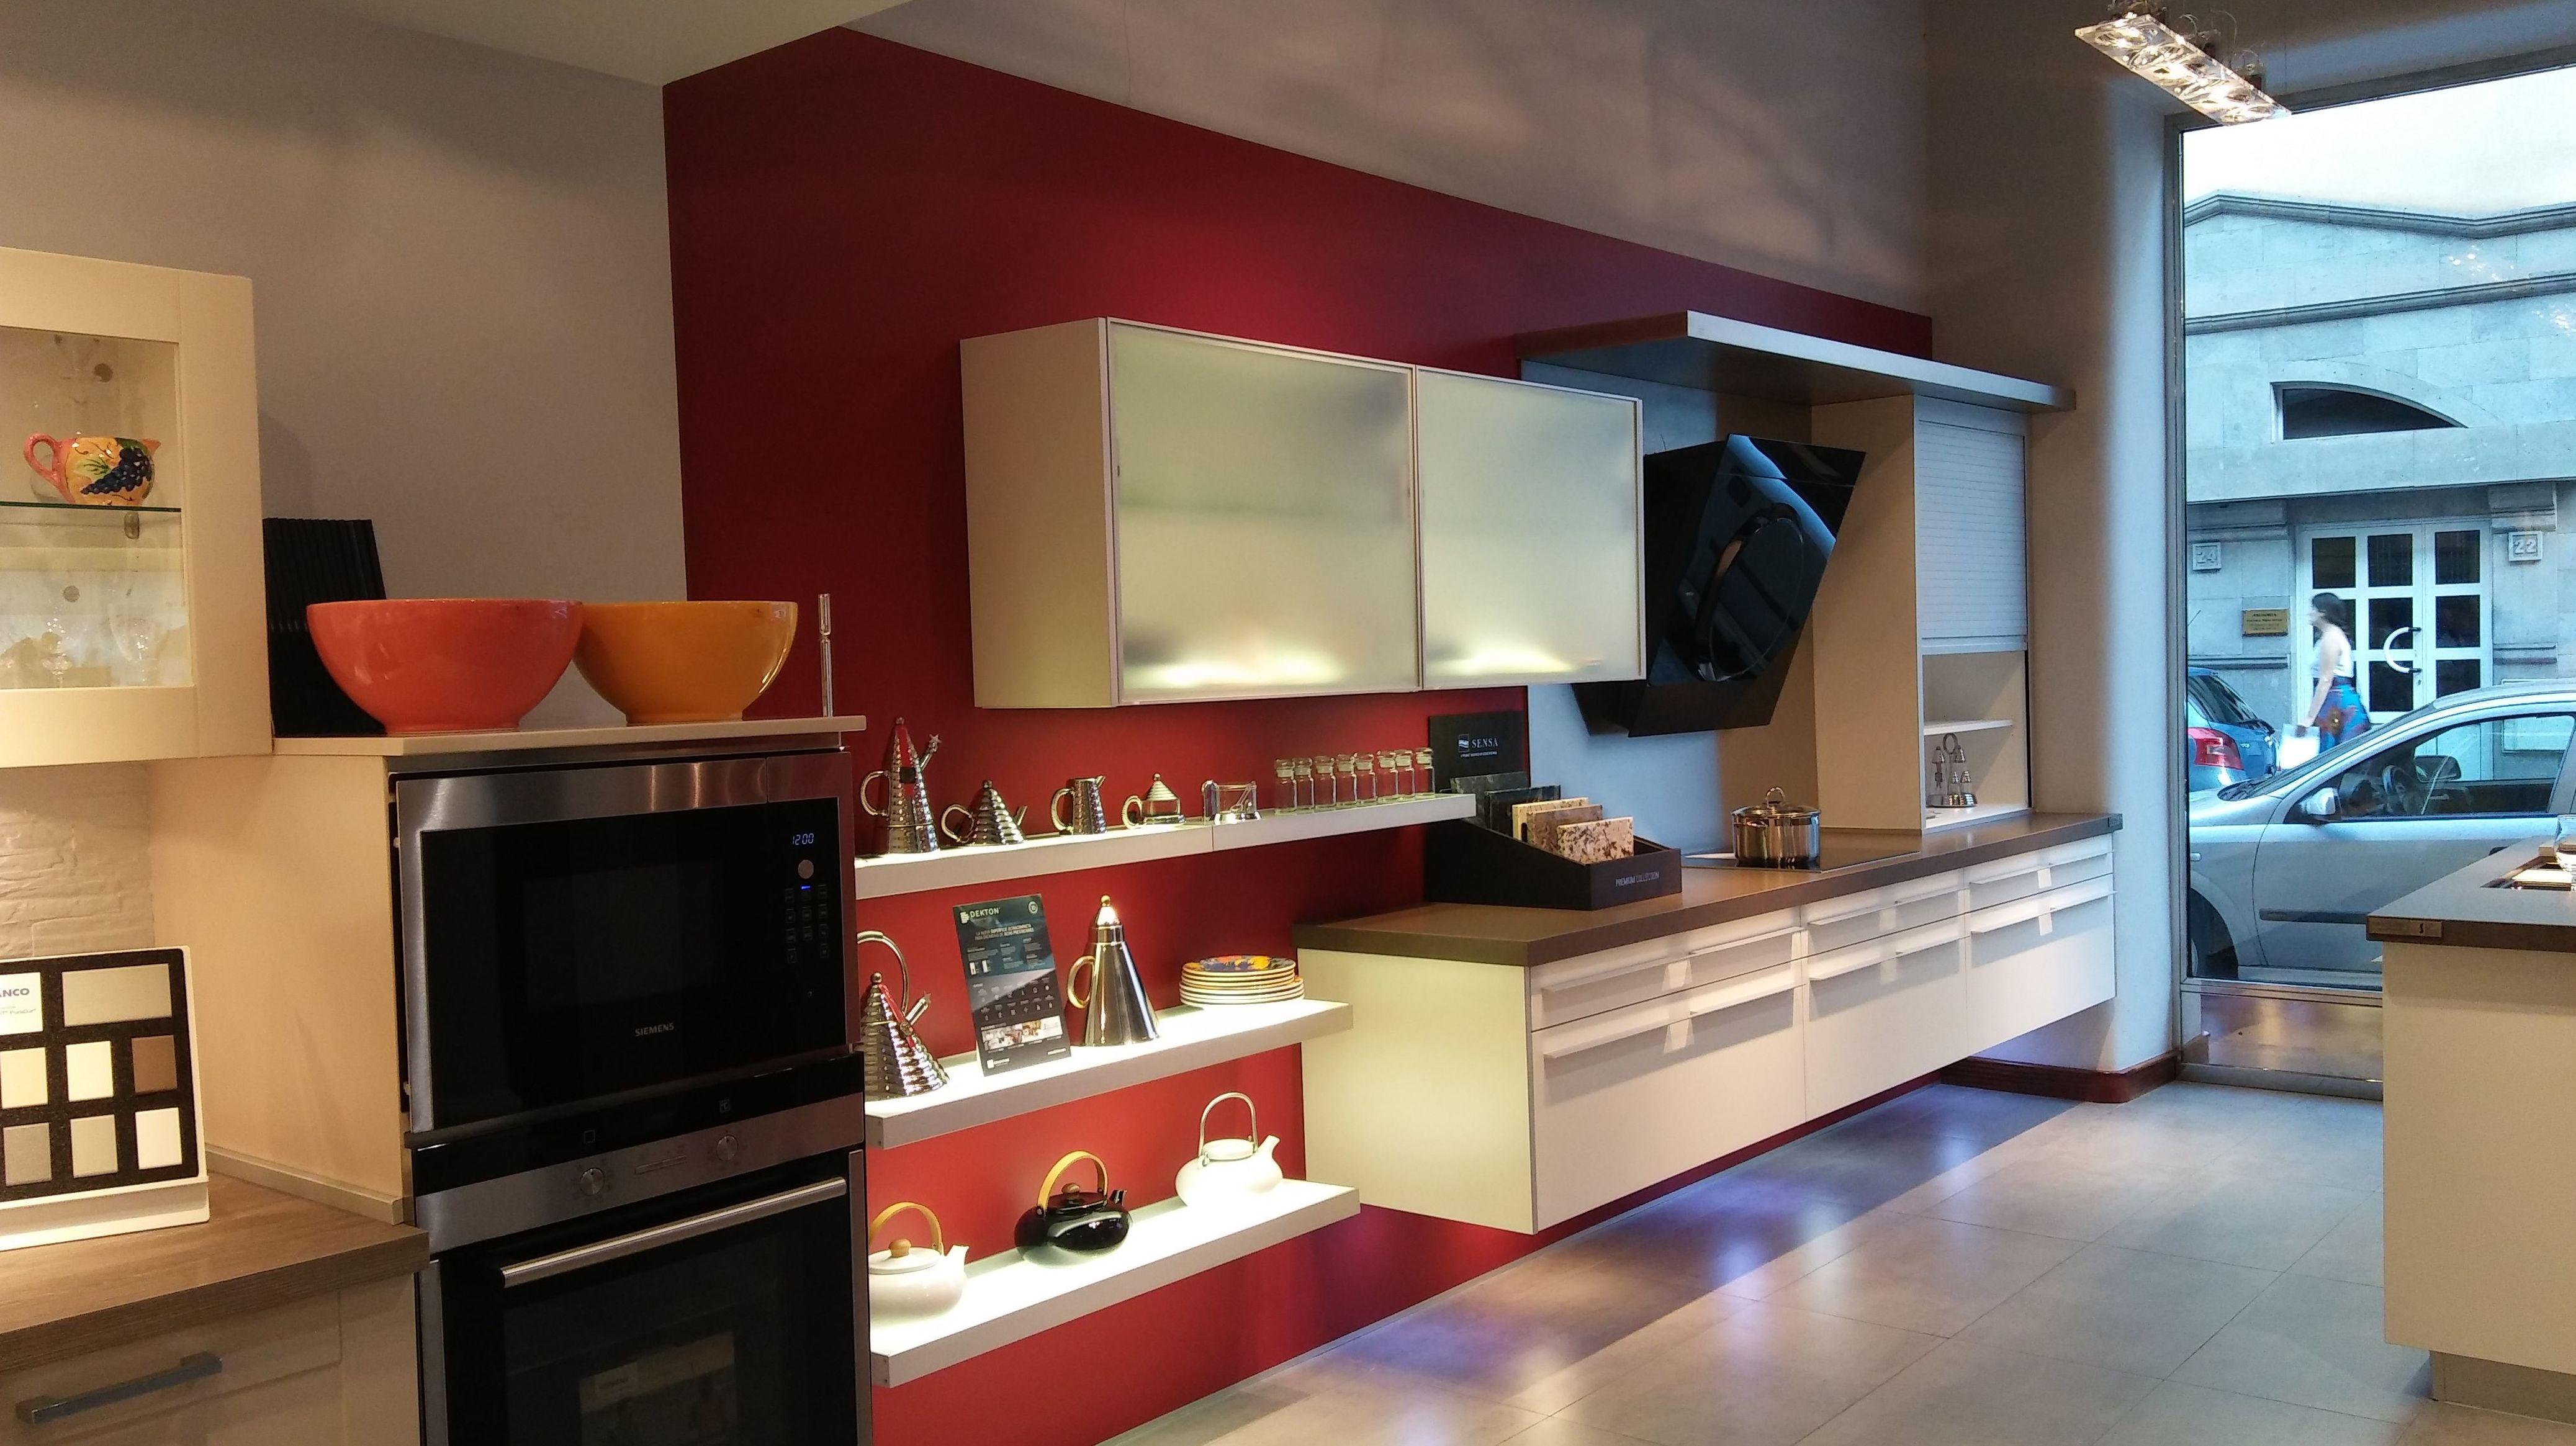 Muebles De Cocina Xey # Muebles Xey Opiniones